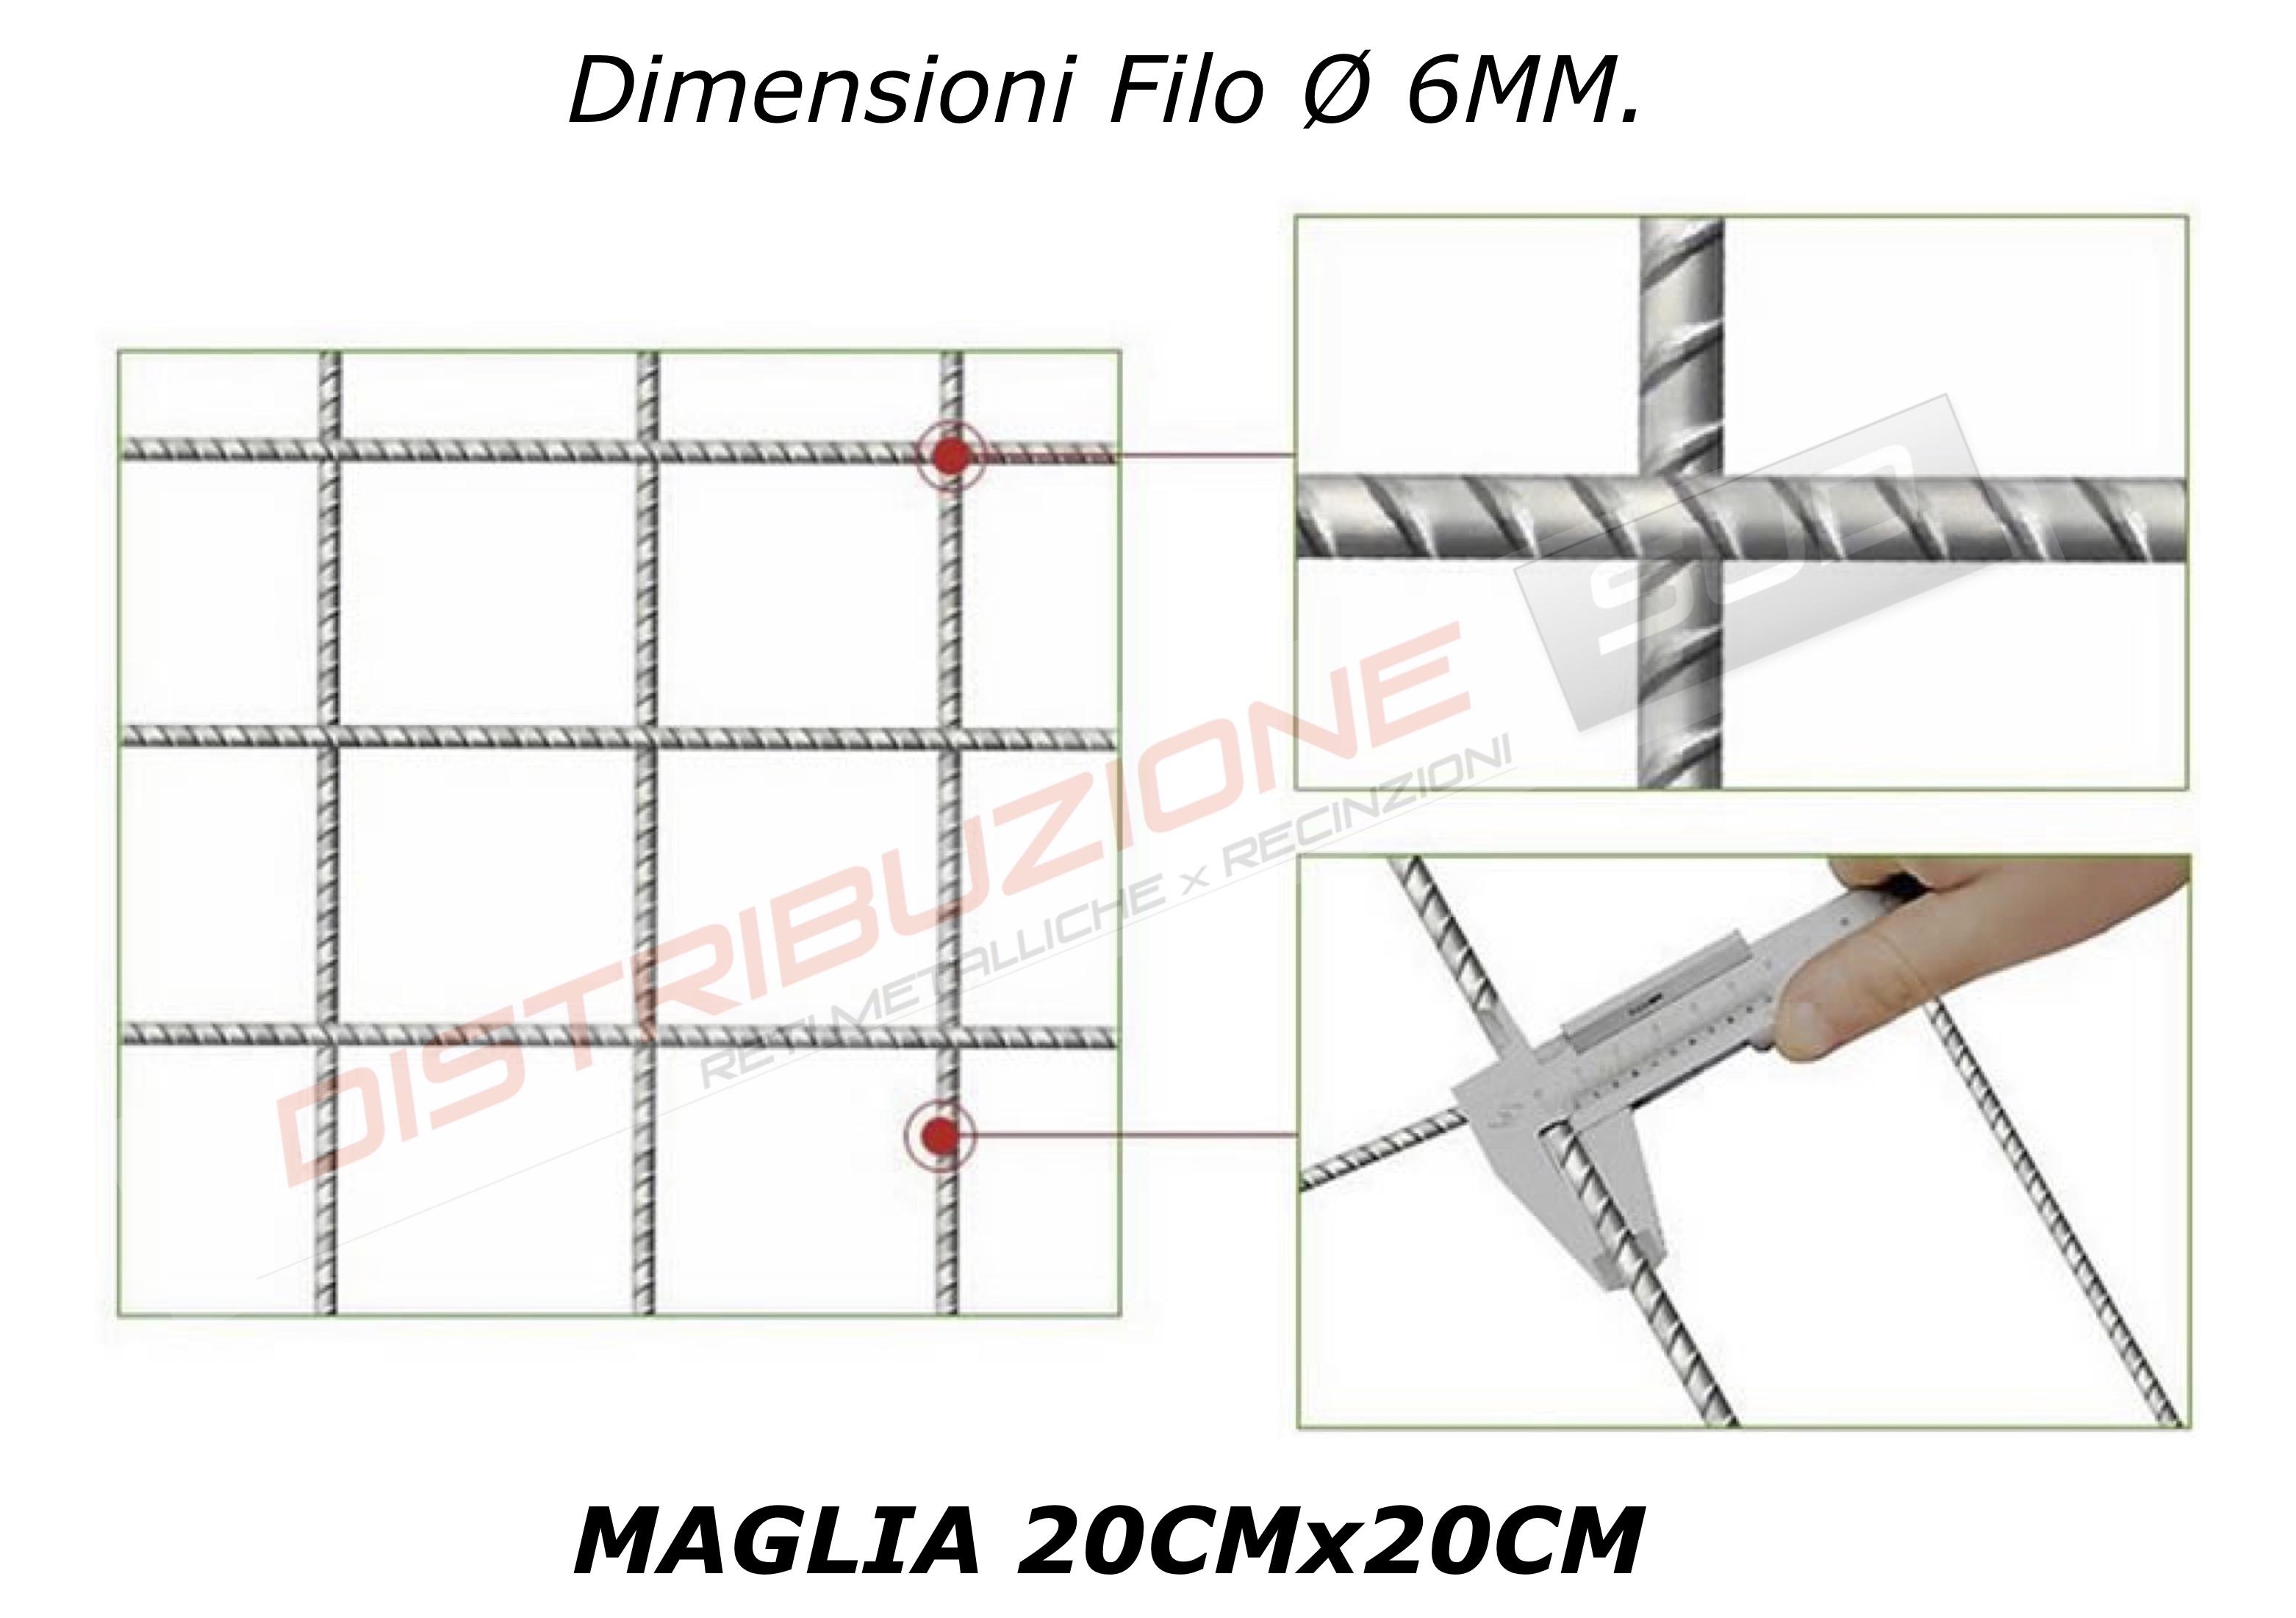 maglia 2x2 filo 6mm